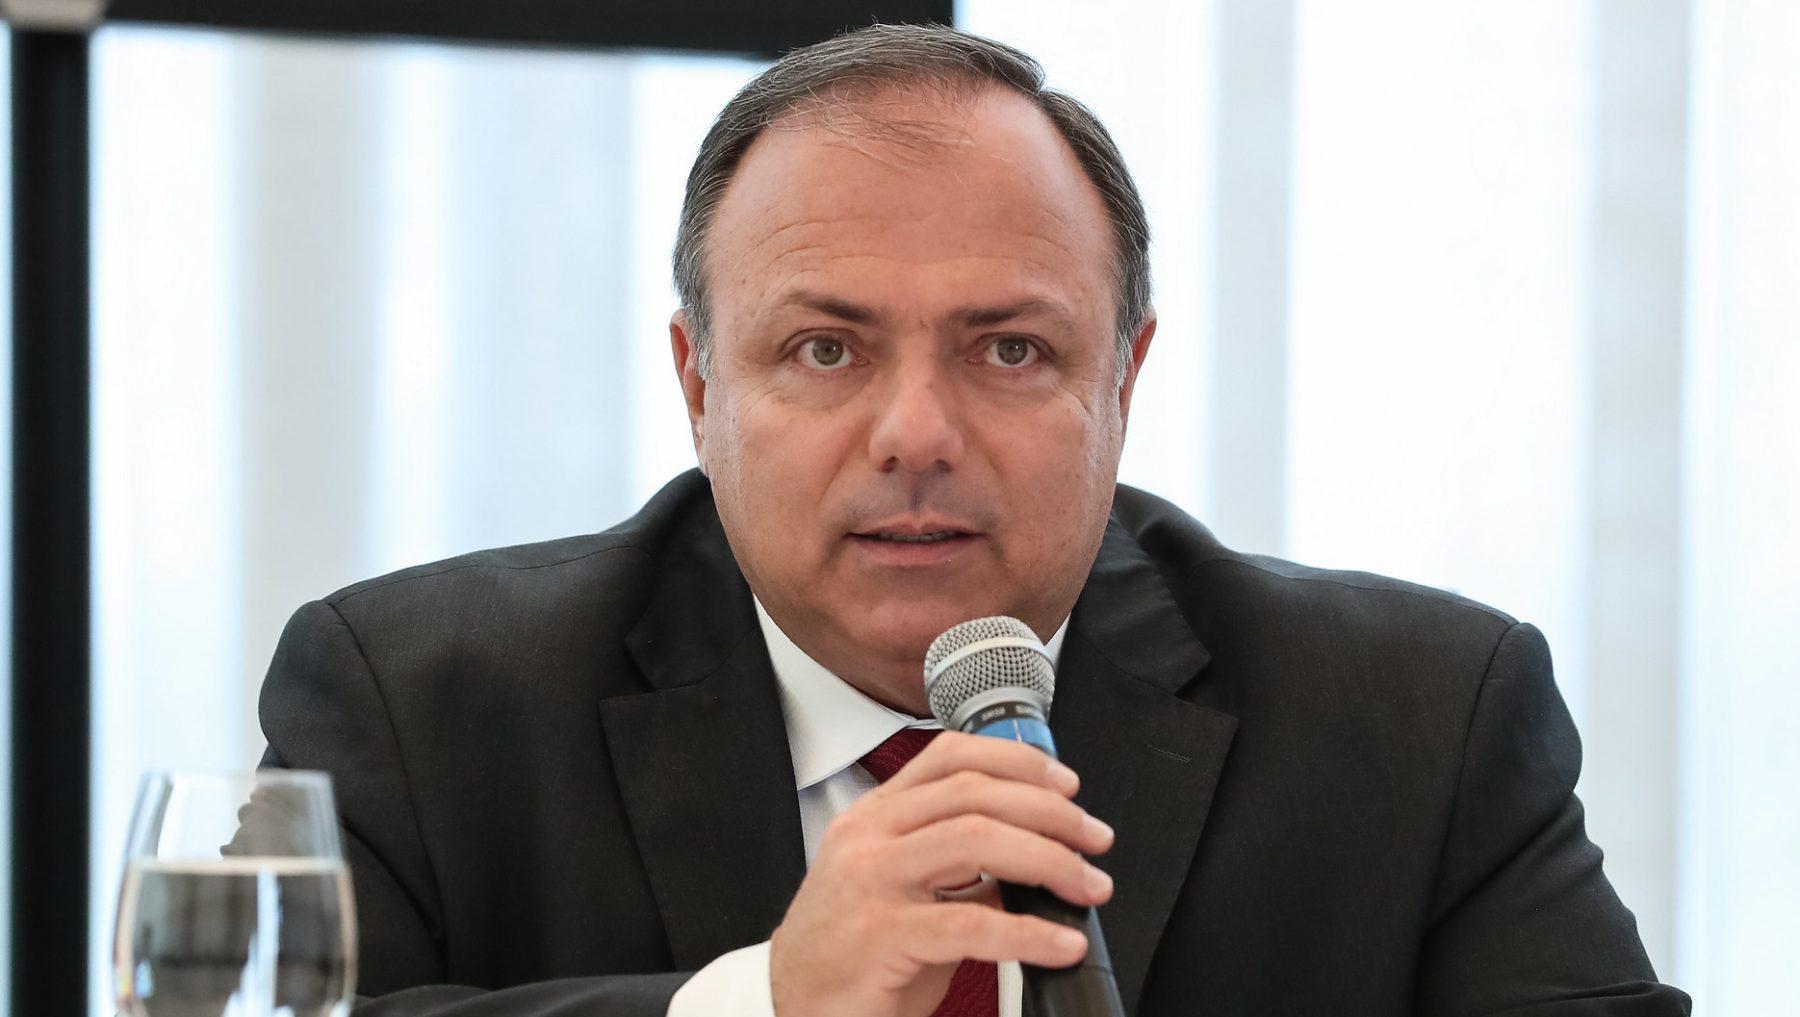 [AO VIVO] Eduardo Pazuello, ex-ministro da Saúde, depõe na CPI da Covid; acompanhe